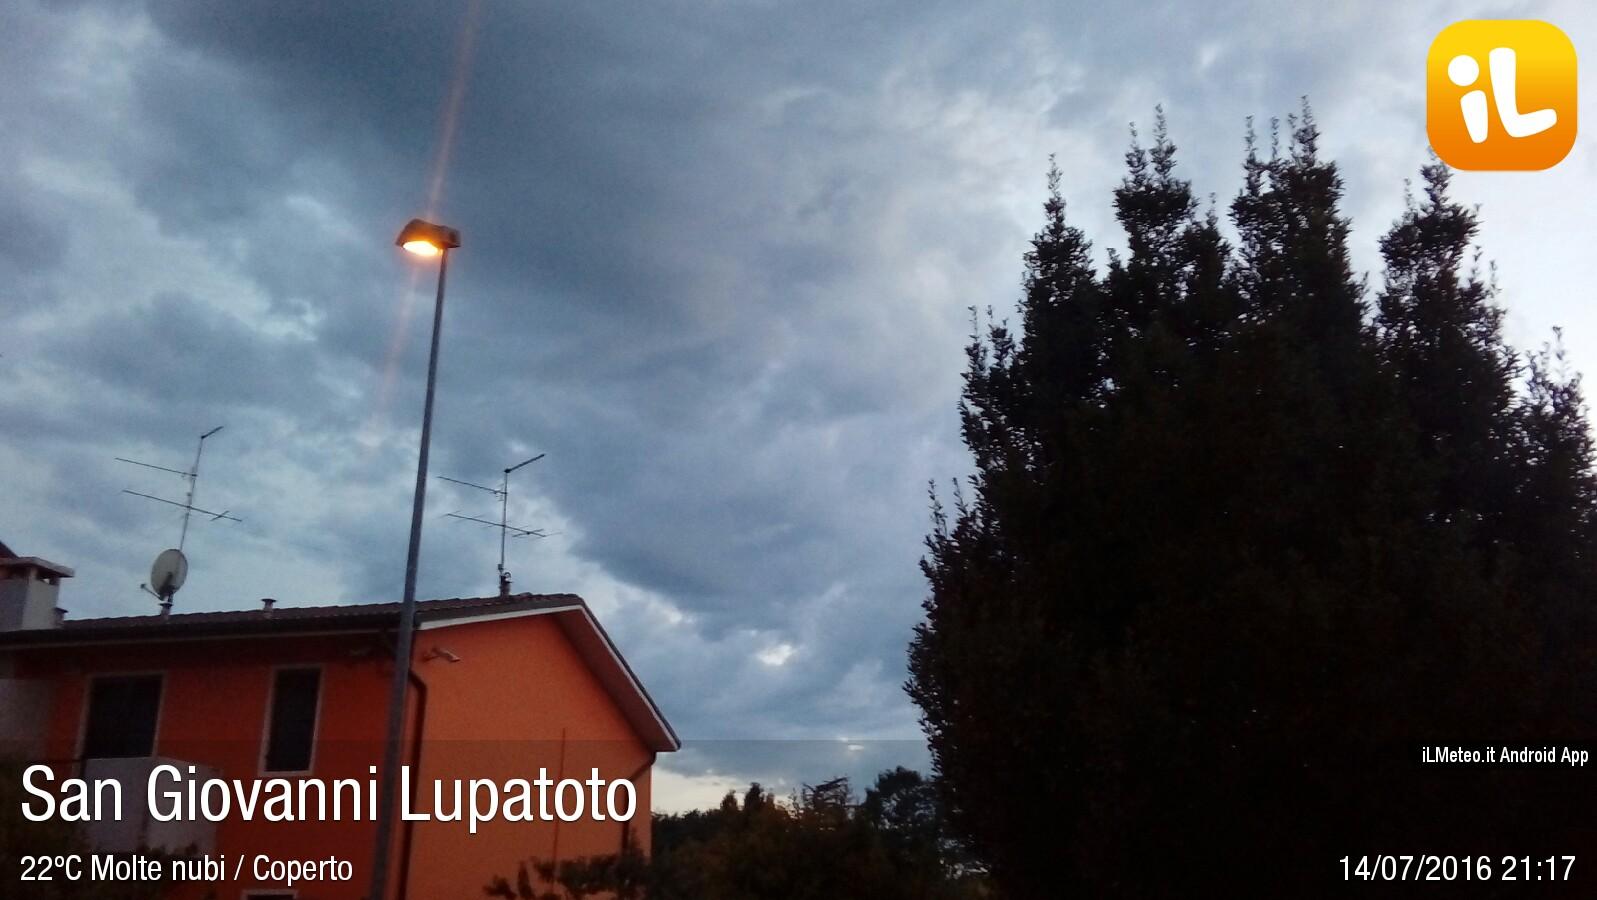 Foto meteo san giovanni lupatoto san giovanni lupatoto - Piscina san giovanni lupatoto ...